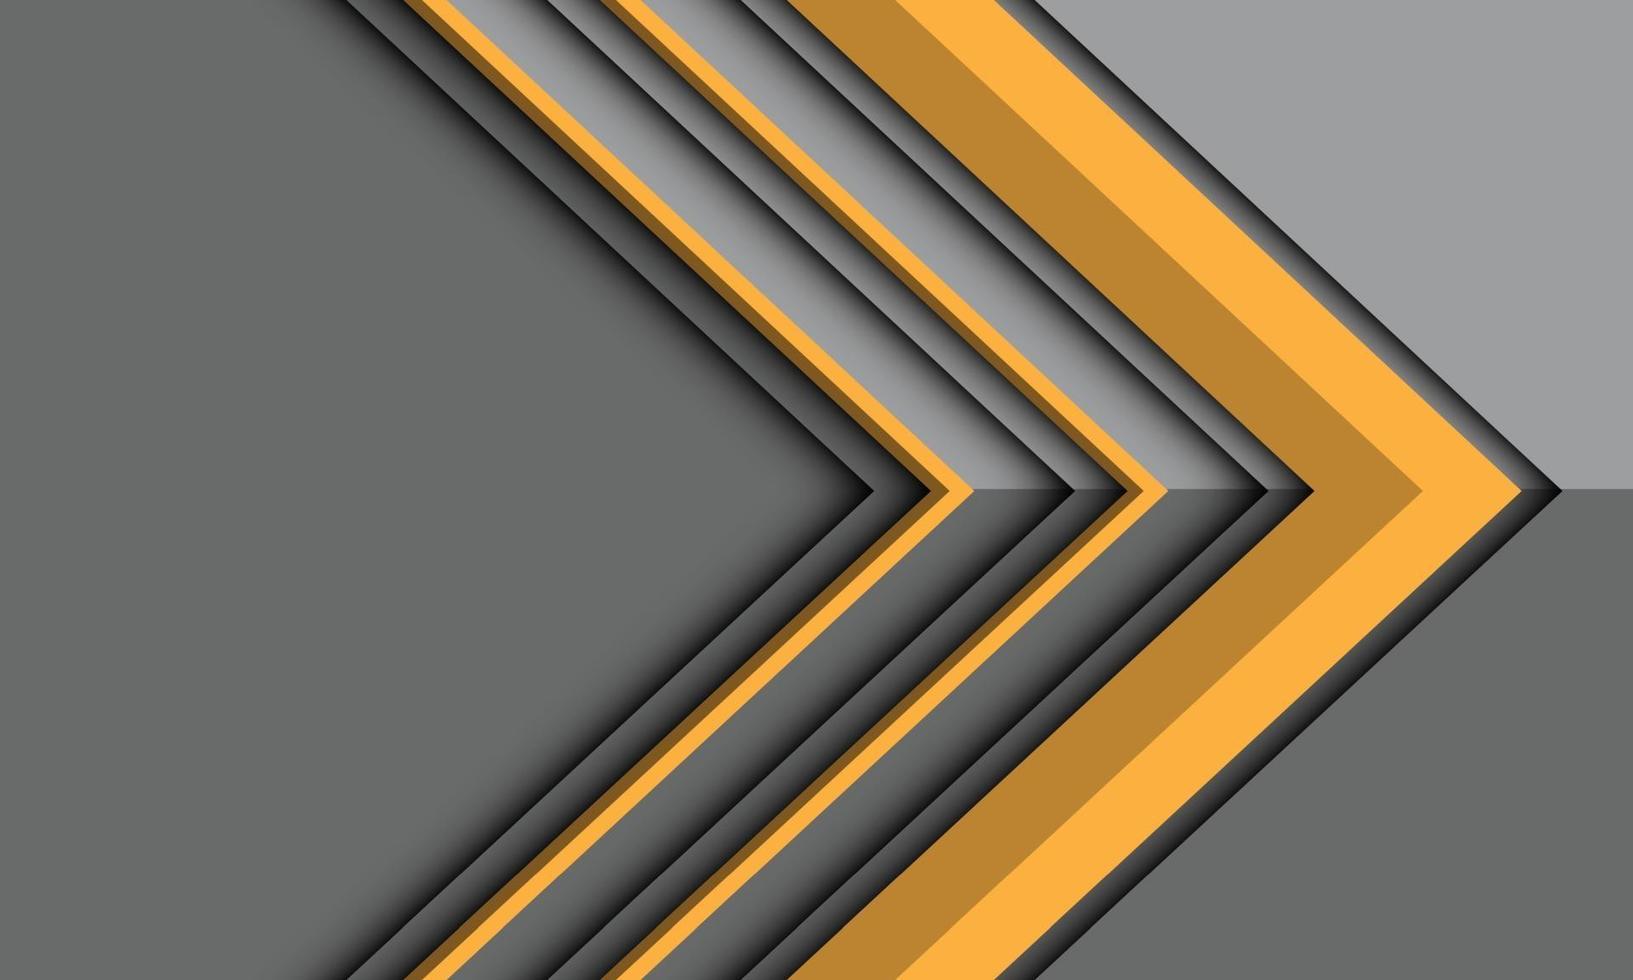 abstrakt gul pilriktning på grå metallisk skugga med tomt utrymme design modern futuristisk bakgrundsvektorillustration. vektor